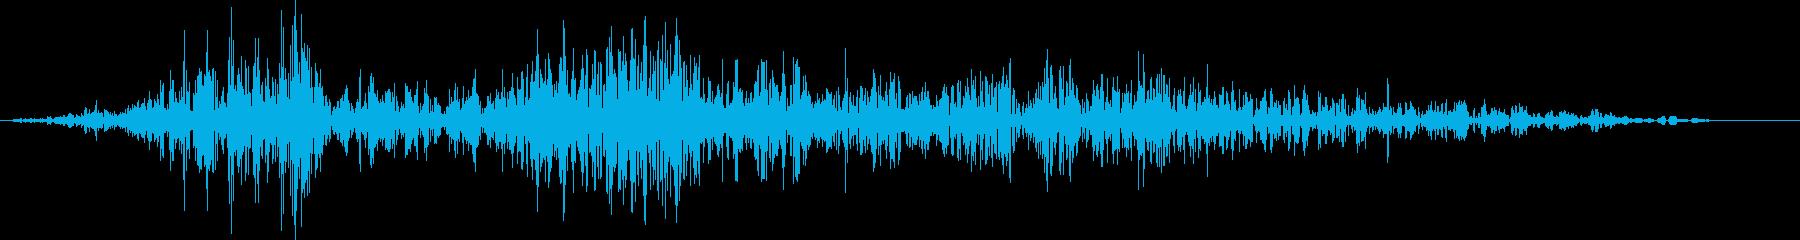 モンスターボイス1(ゴブリン)の再生済みの波形